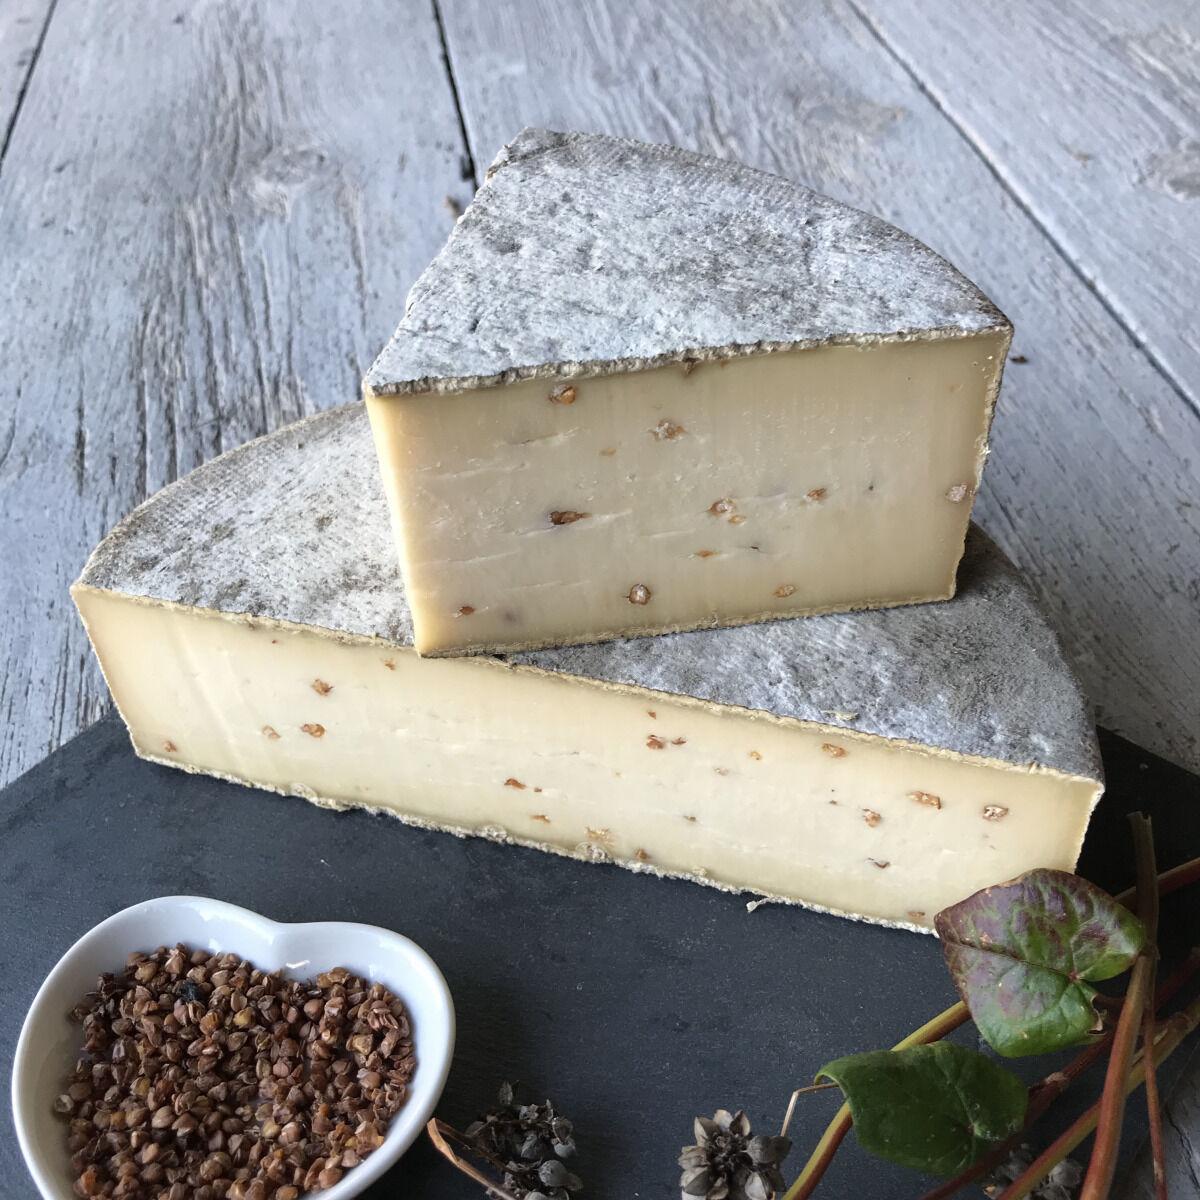 Les Fermes Vaumadeuc Tomme au Sarrasin- Au lait cru entier de vache- Affinage 2 mois -  850g